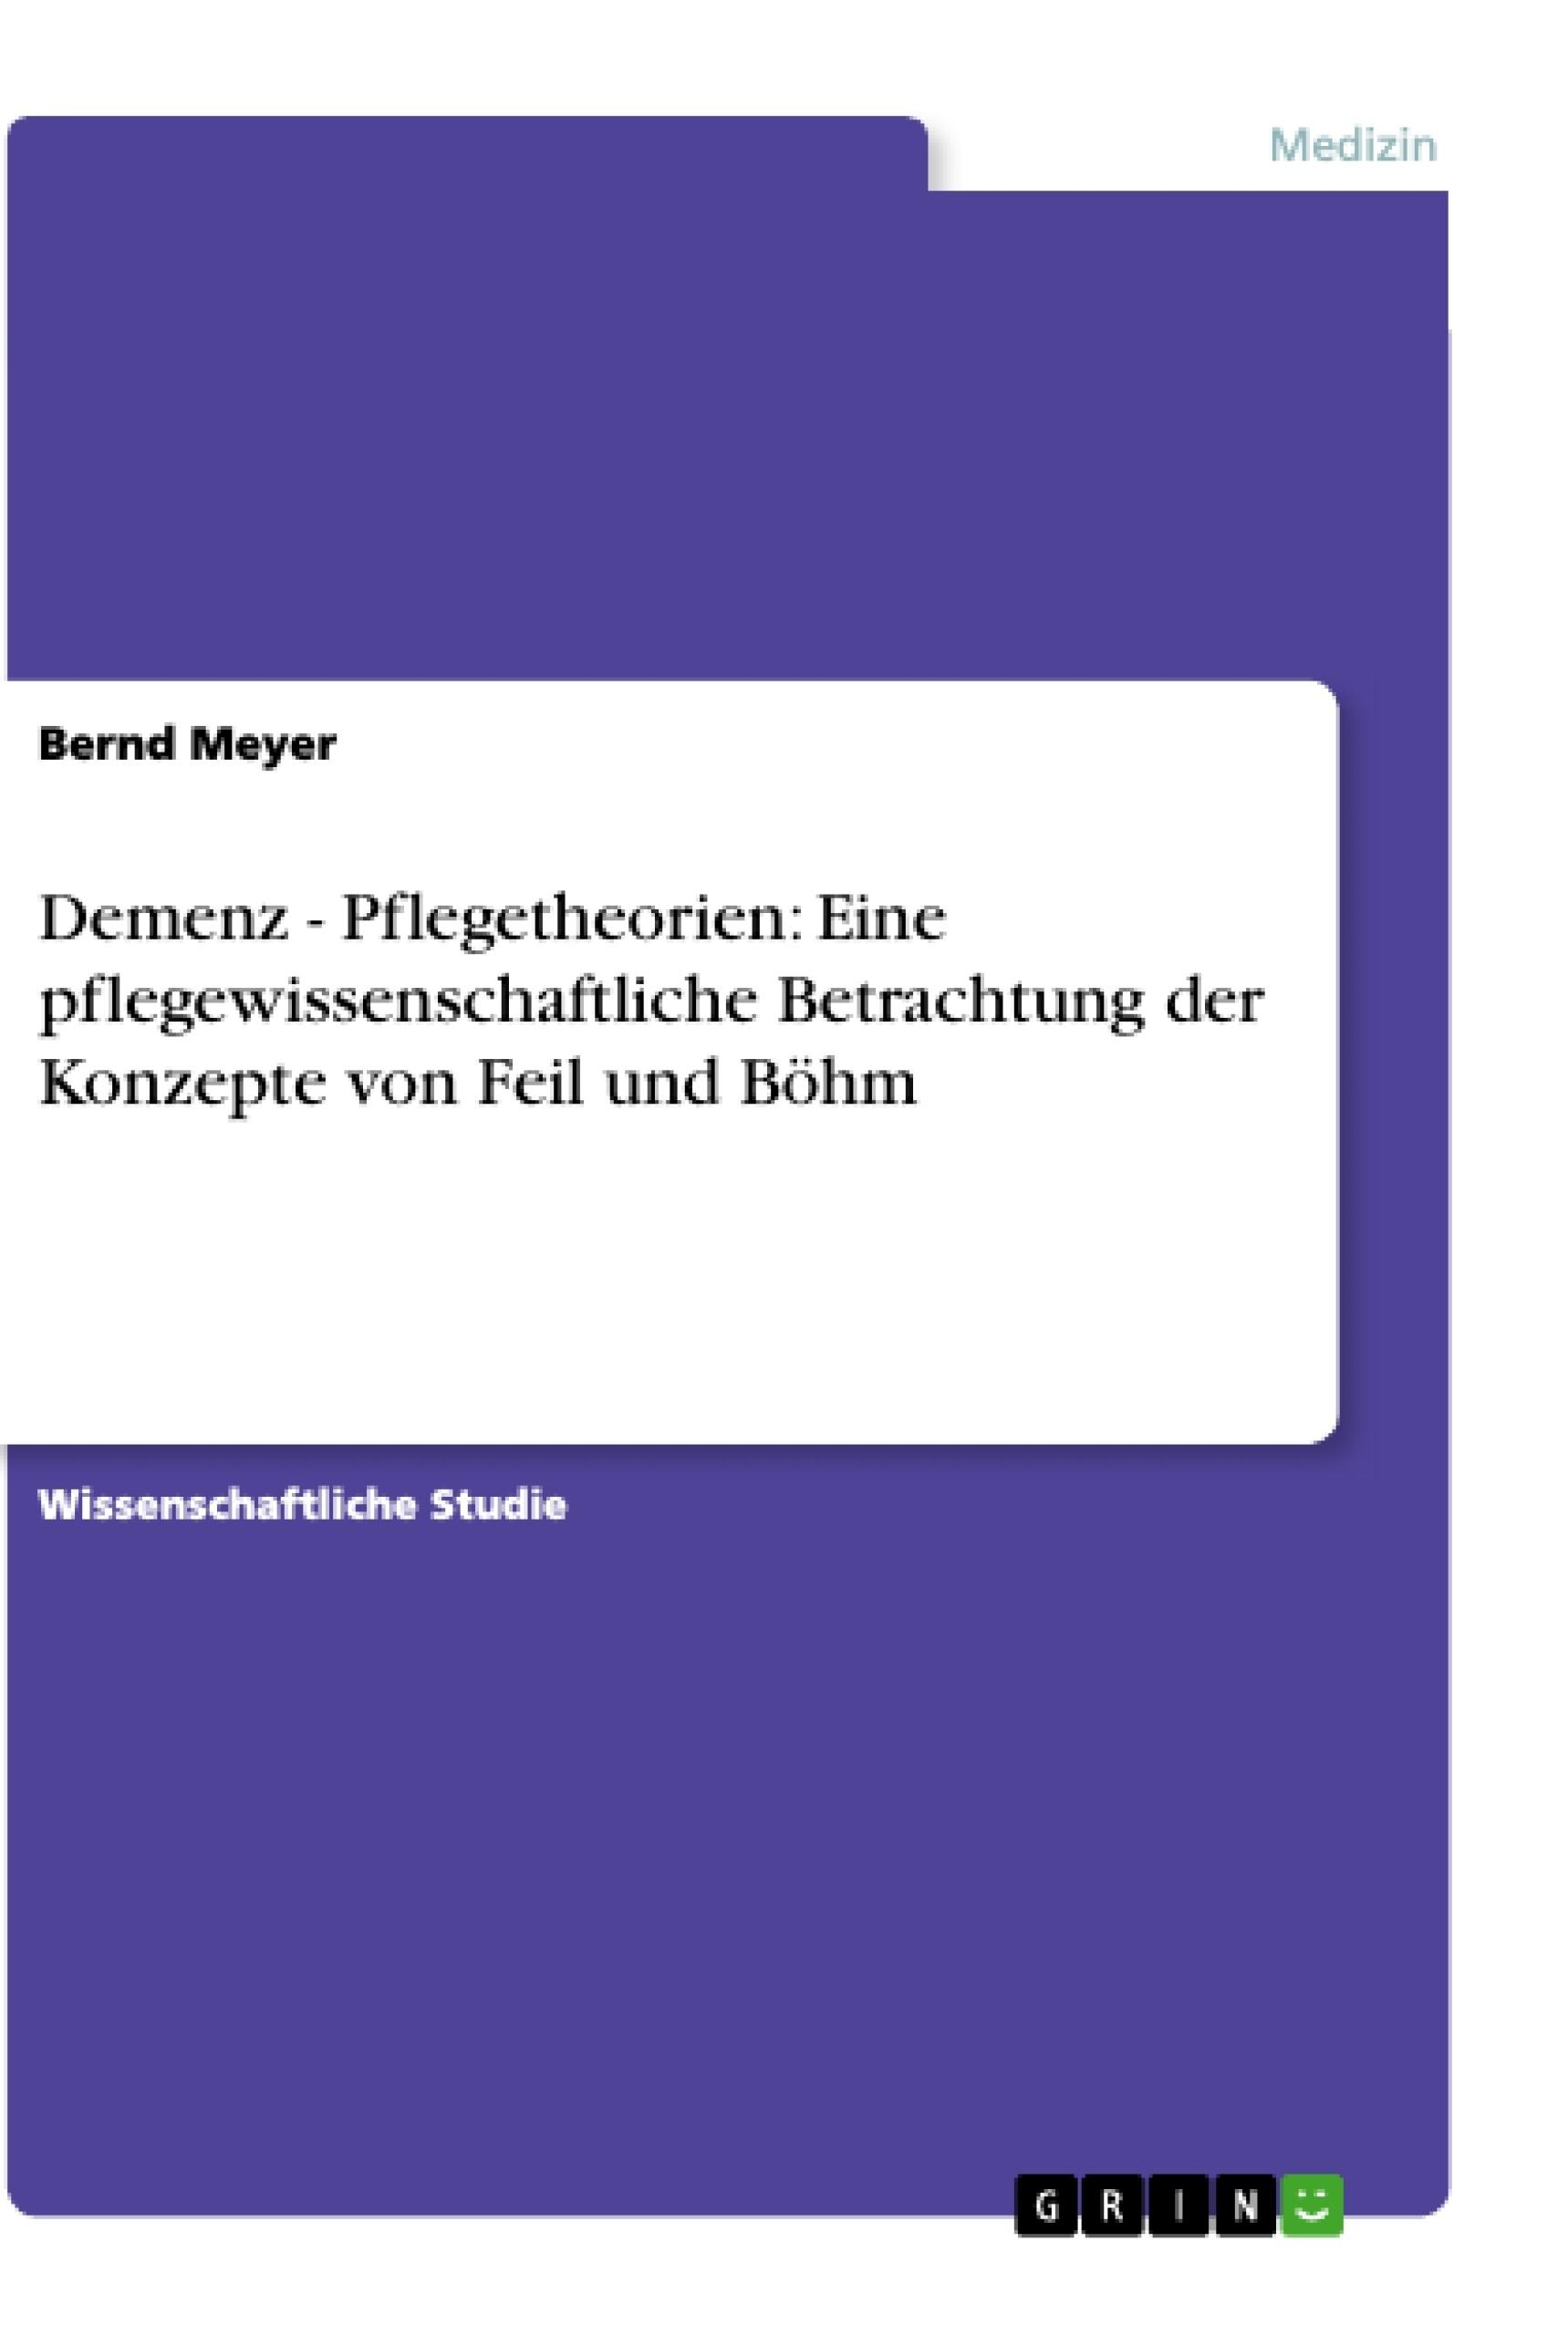 Titel: Demenz - Pflegetheorien: Eine pflegewissenschaftliche Betrachtung der Konzepte von Feil und Böhm